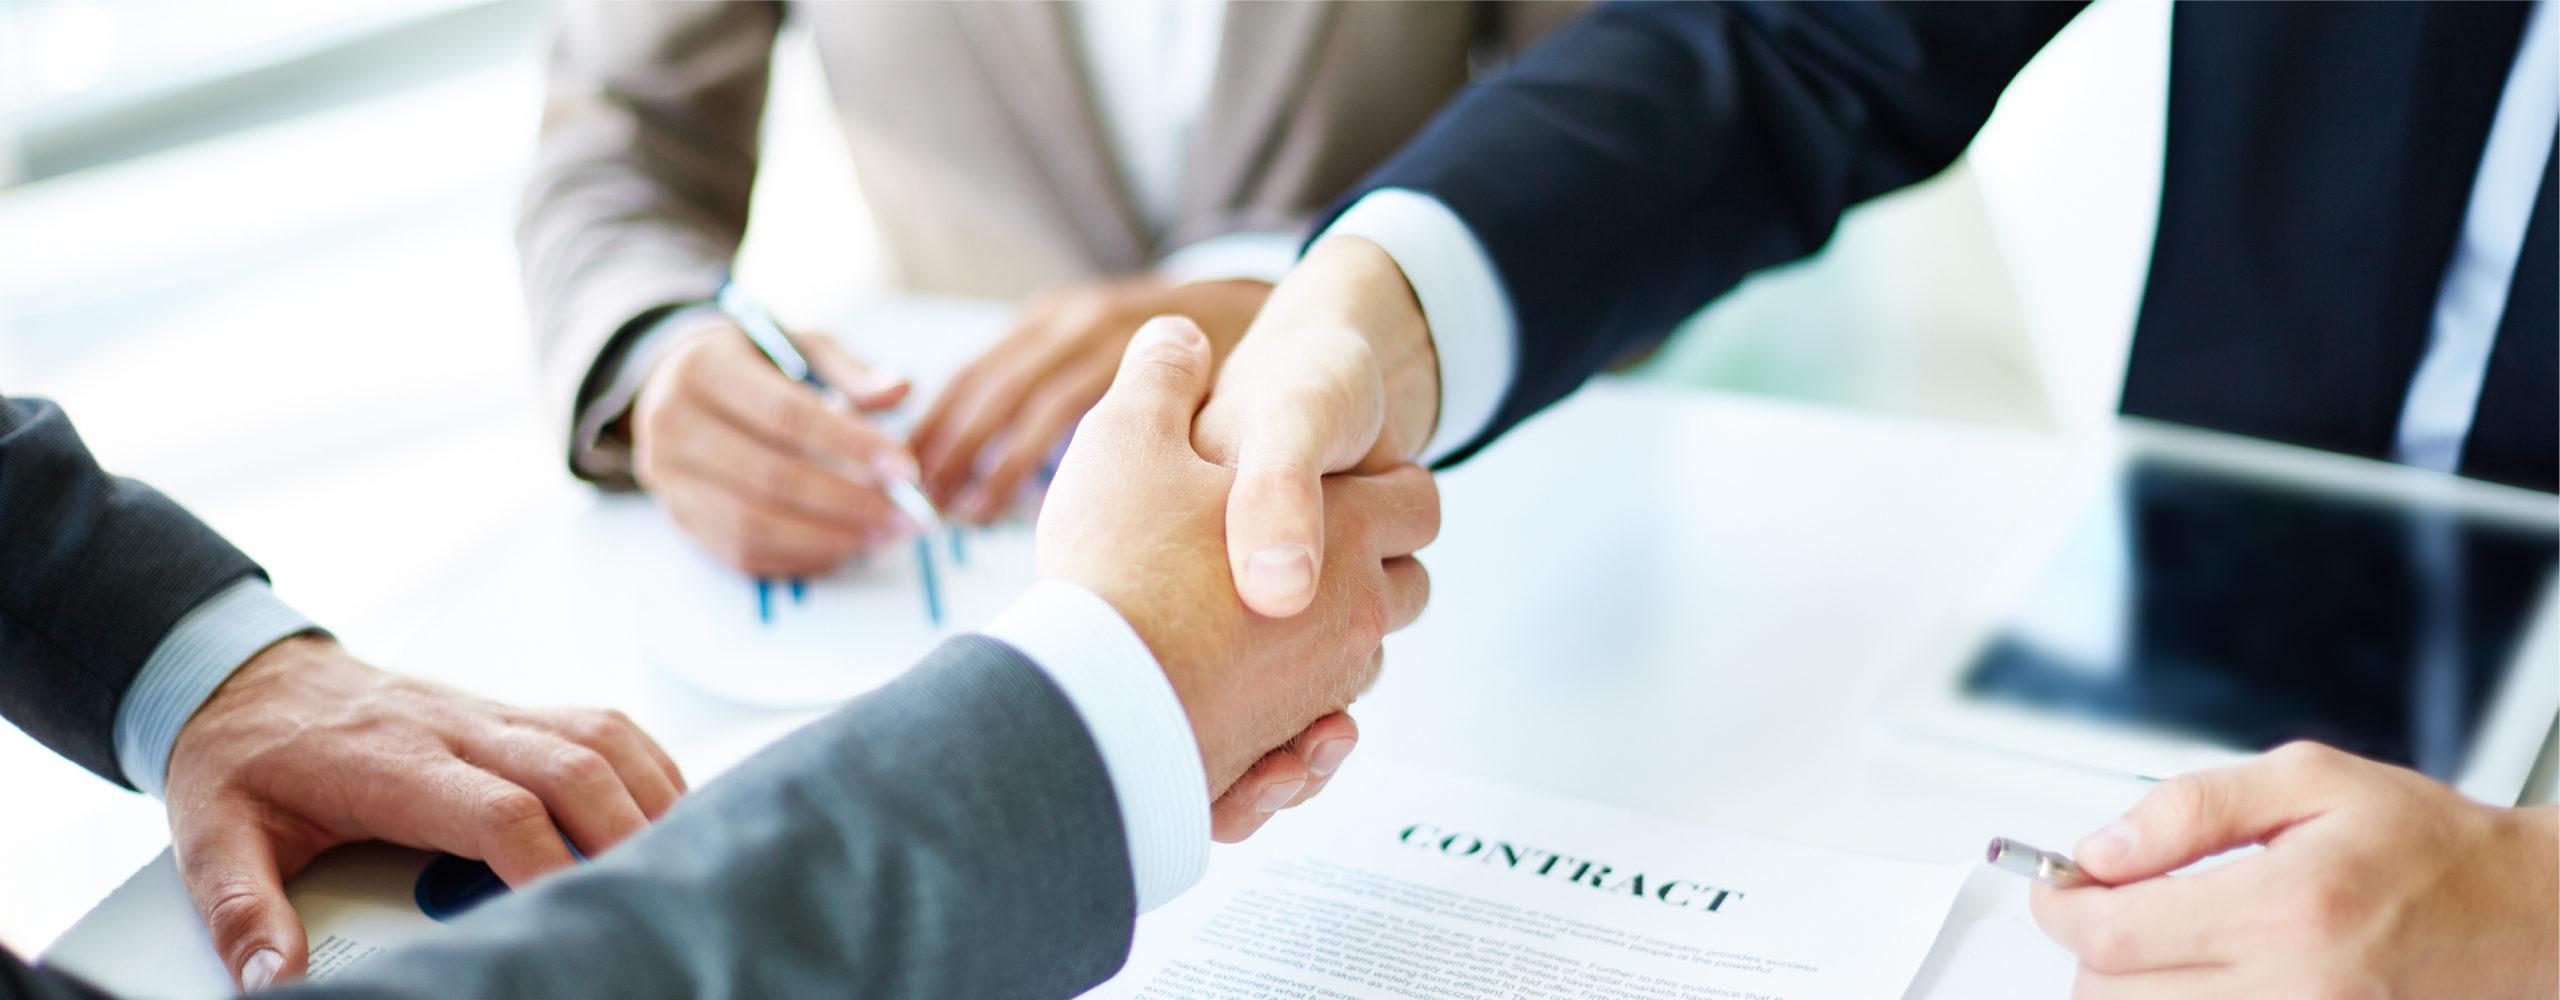 HRNetwork nuove opportunità di business